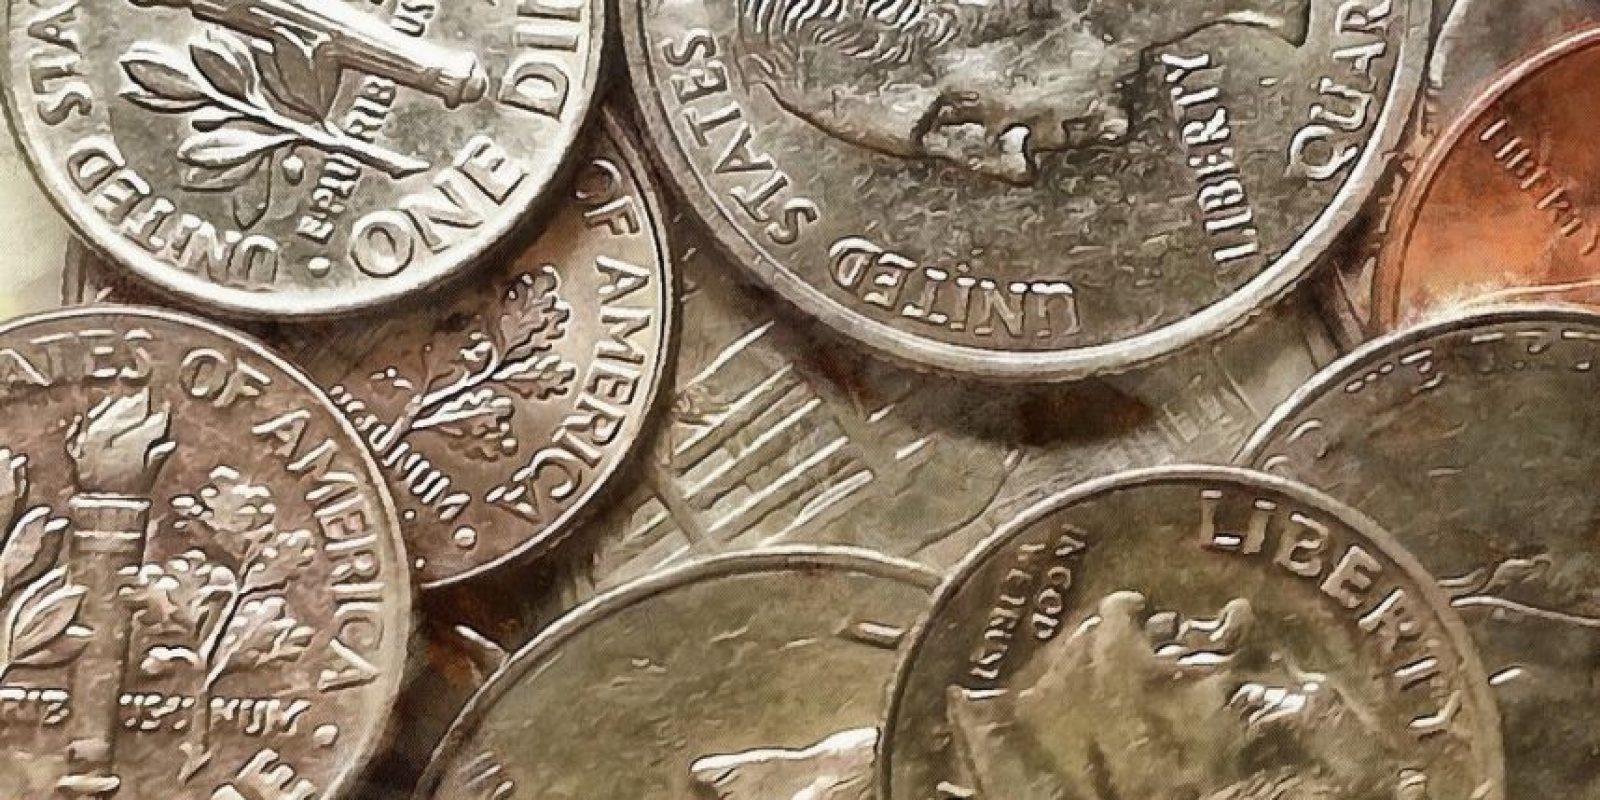 Hay cinco tipos de monedas, en ellas aparecen los presidentes Abraham Lincoln, Thomas Jefferson, Franklin D. Roosevelt, George Washington y John F. Kennedy. Foto:stock-free.org